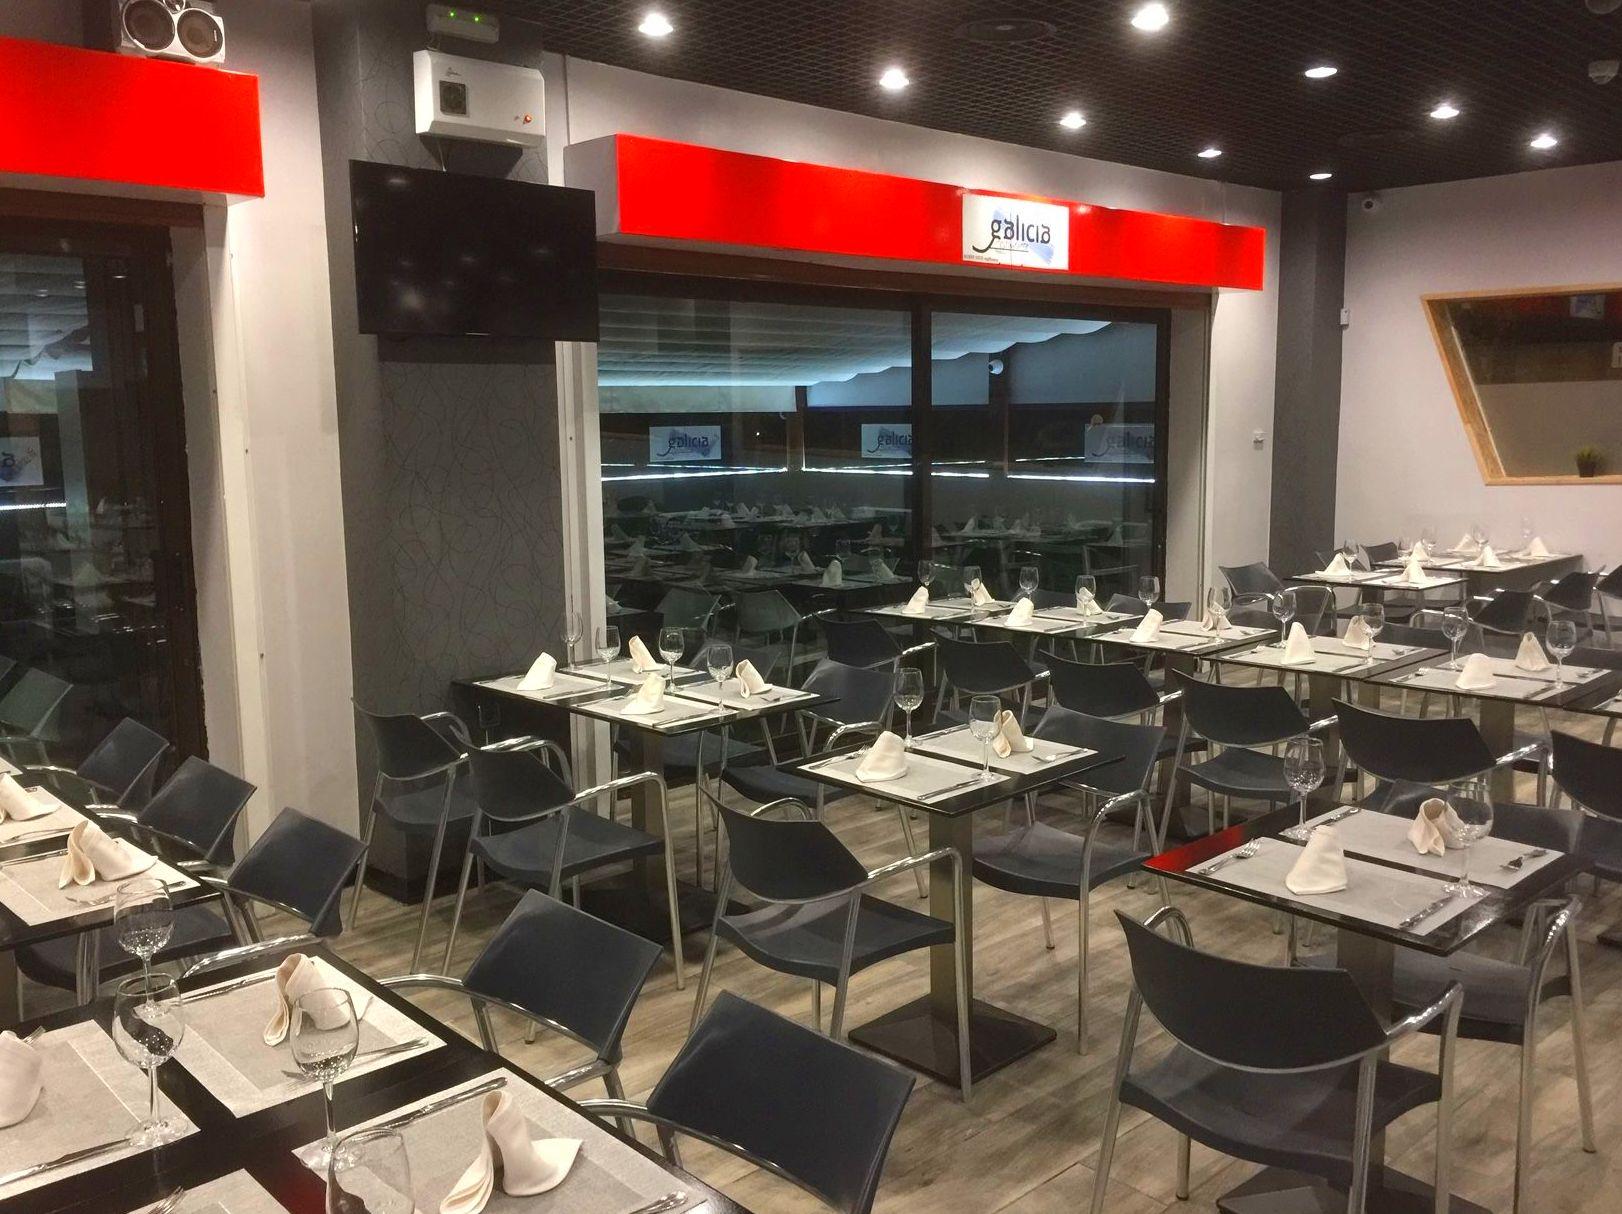 Foto 6 de Restaurante en Madrid | Restaurante Galicia Las Tablas